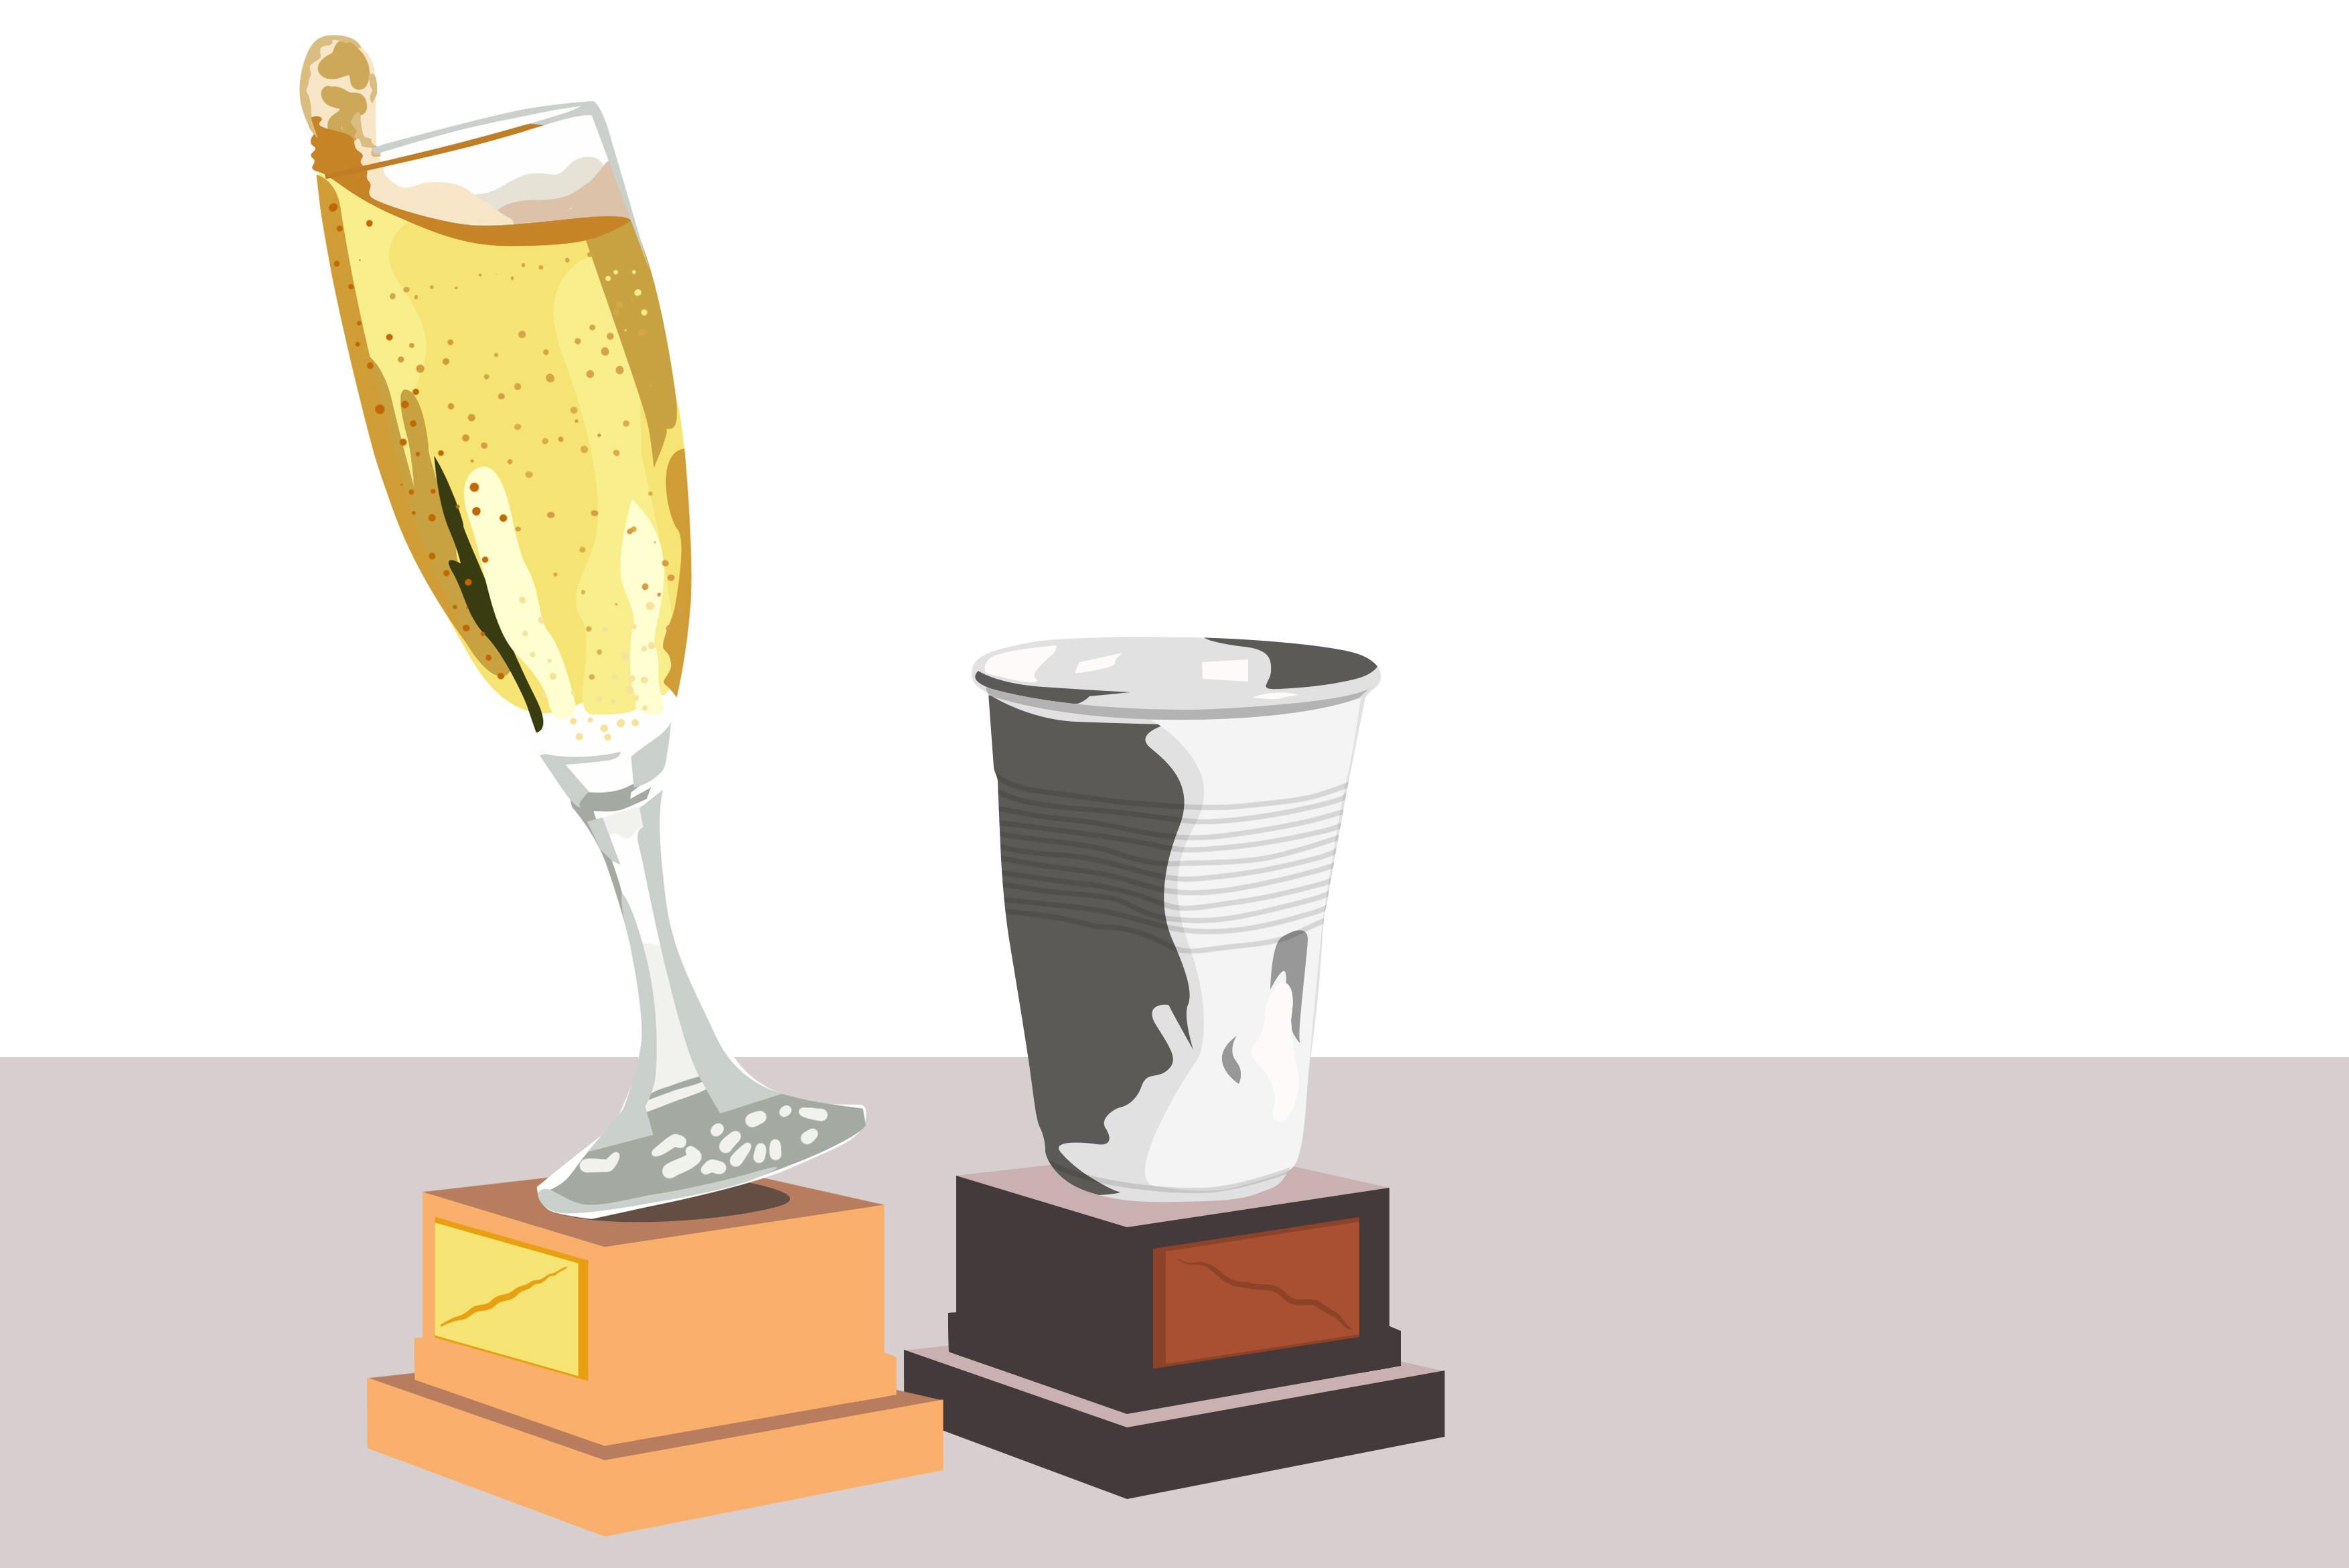 Illustratie van twee trofeën, de eerste is een champagneglas, de tweede een plastic bekertje.